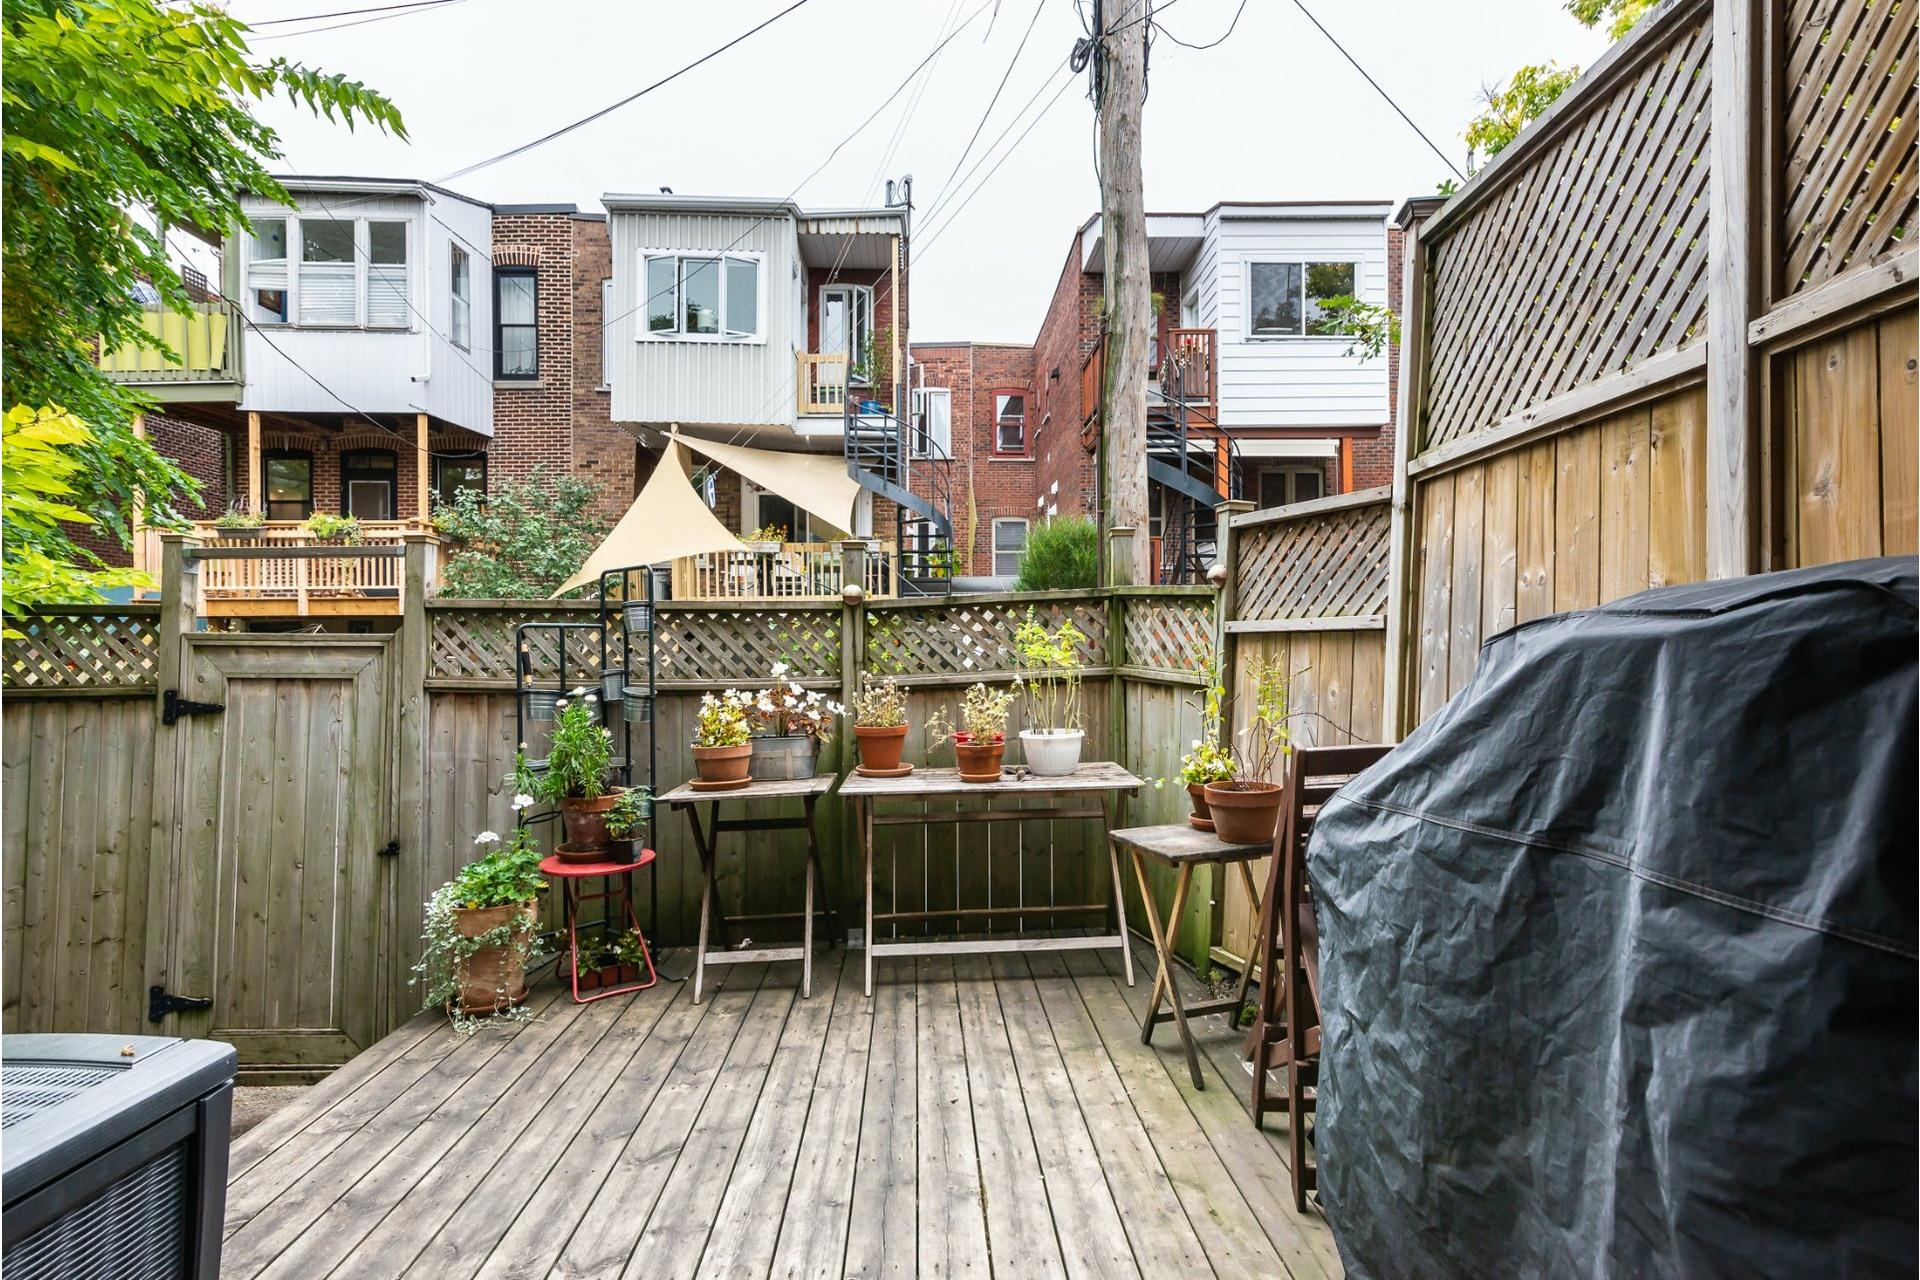 image 21 - Duplex À vendre Côte-des-Neiges/Notre-Dame-de-Grâce Montréal  - 5 pièces